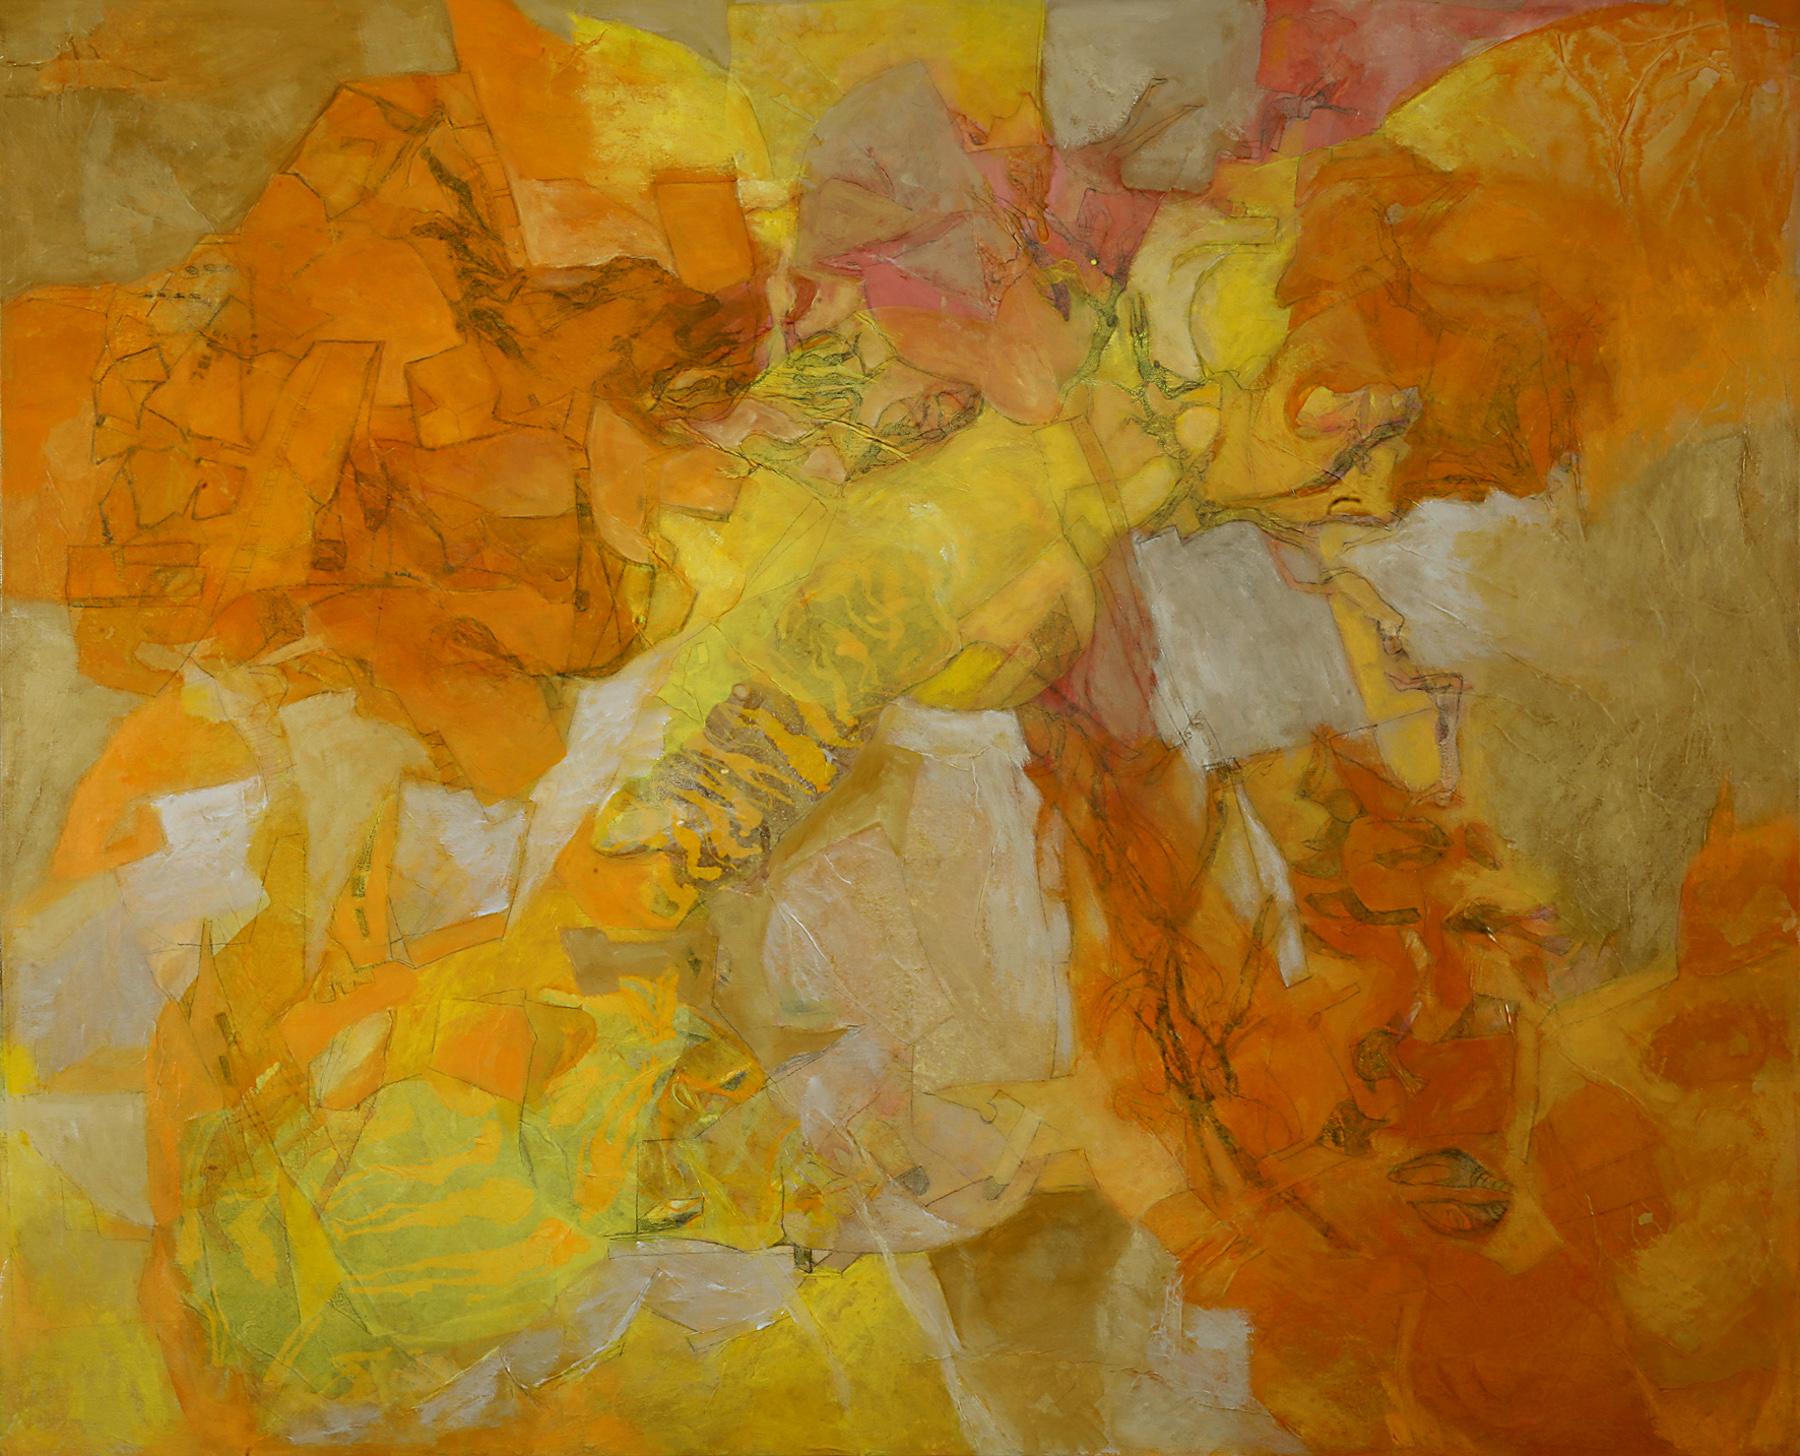 Meandros del sueño - Técnica mixta sobre tela - 100 x 81 cm